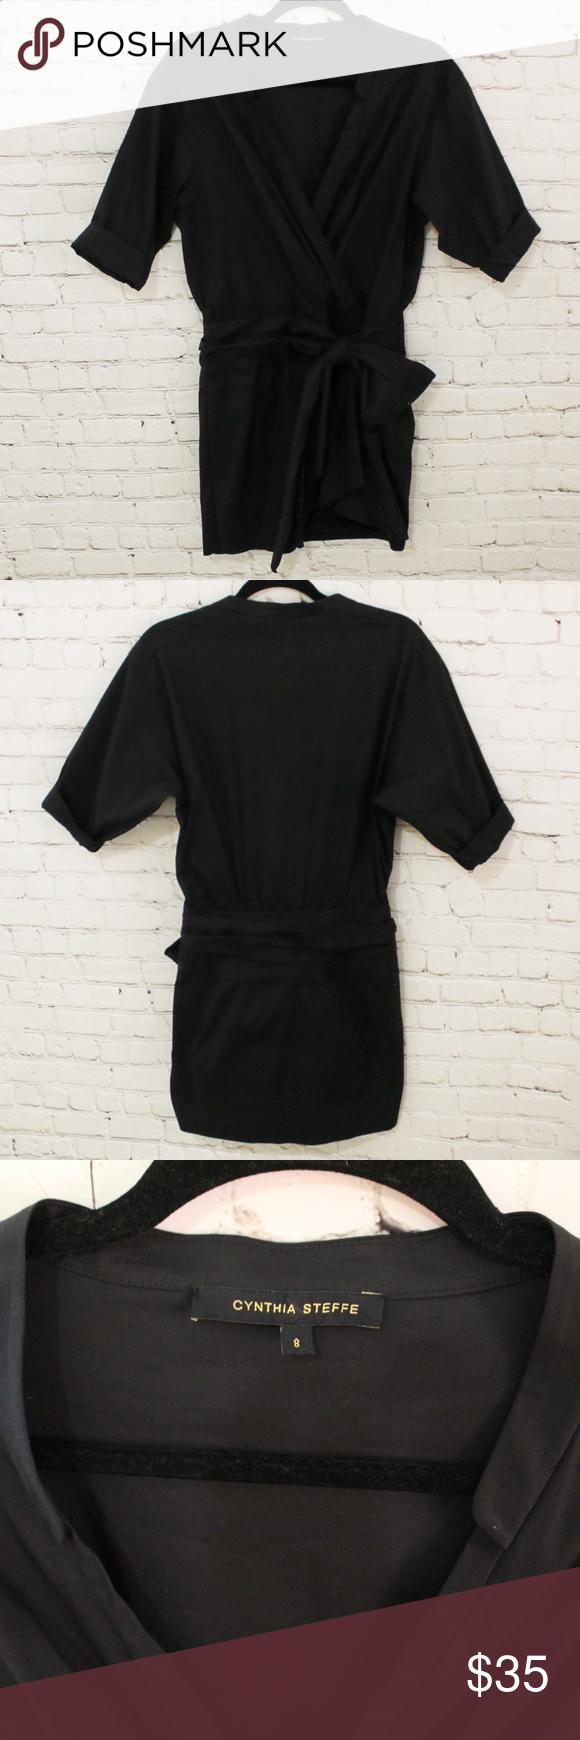 f08046118420bf33c85d9f07509da3f1 - How To Get Iron Marks Out Of Black Clothes